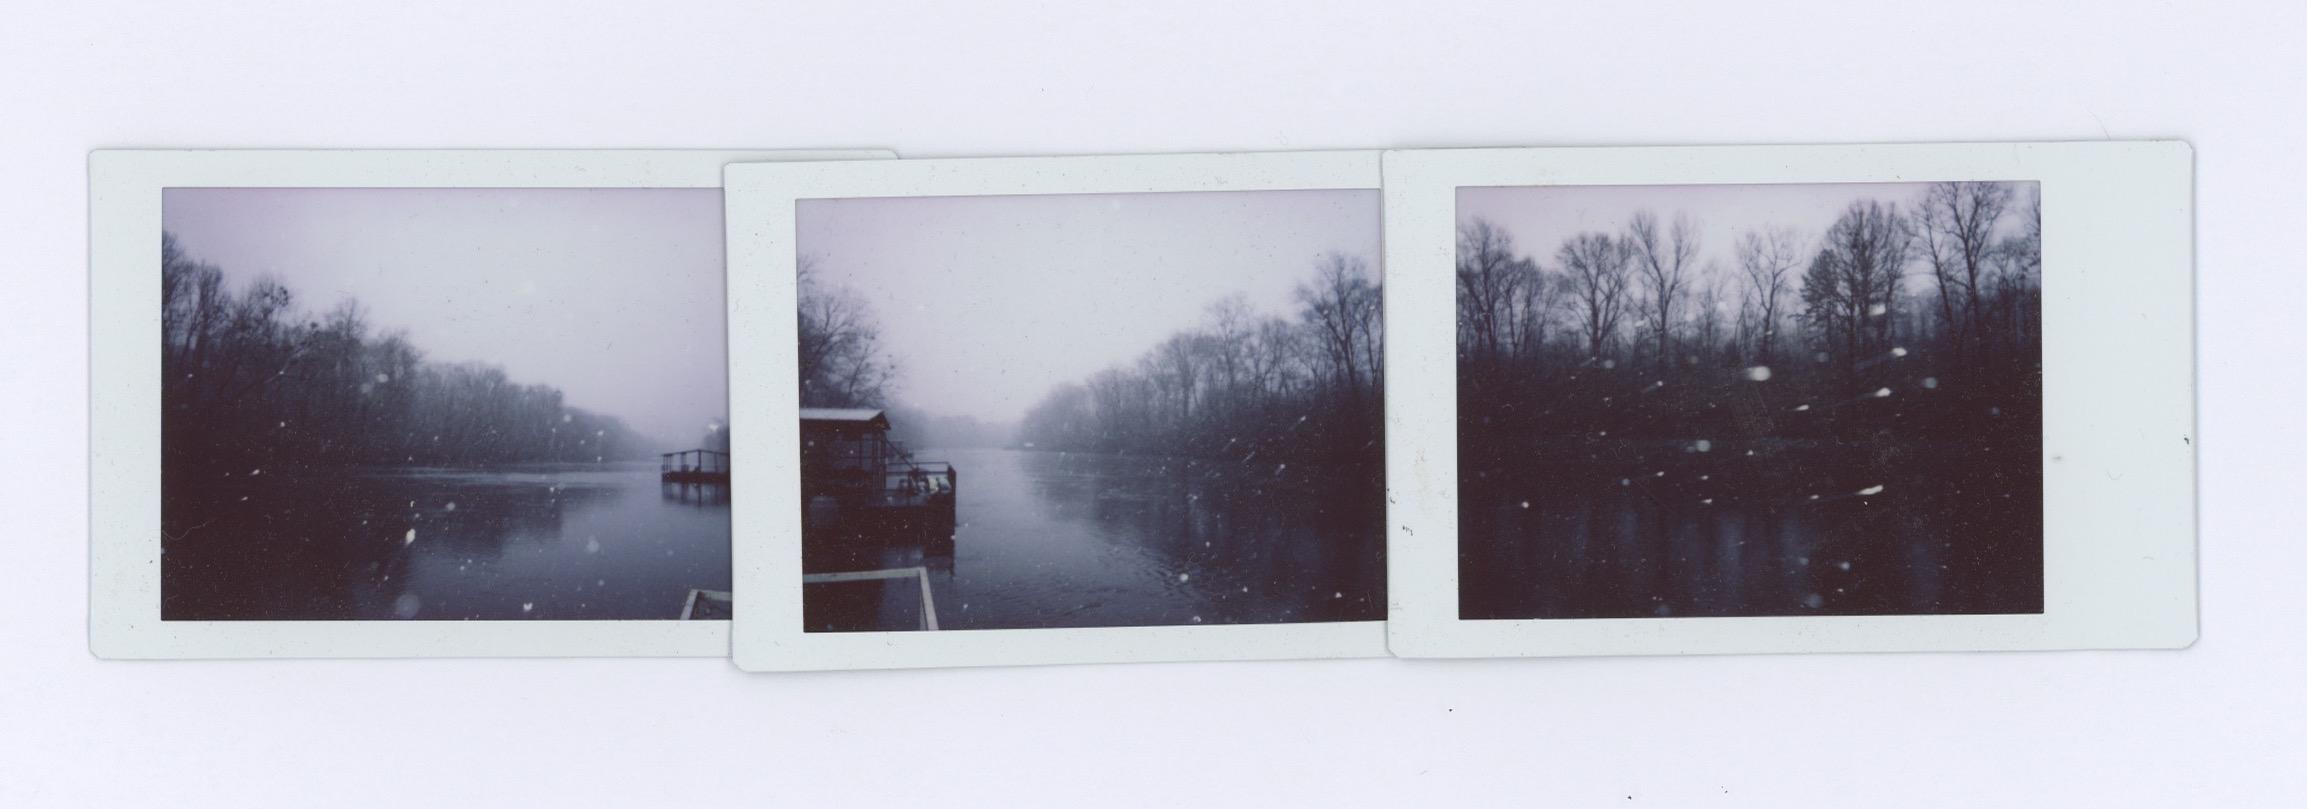 snow_in_arkansas.jpeg